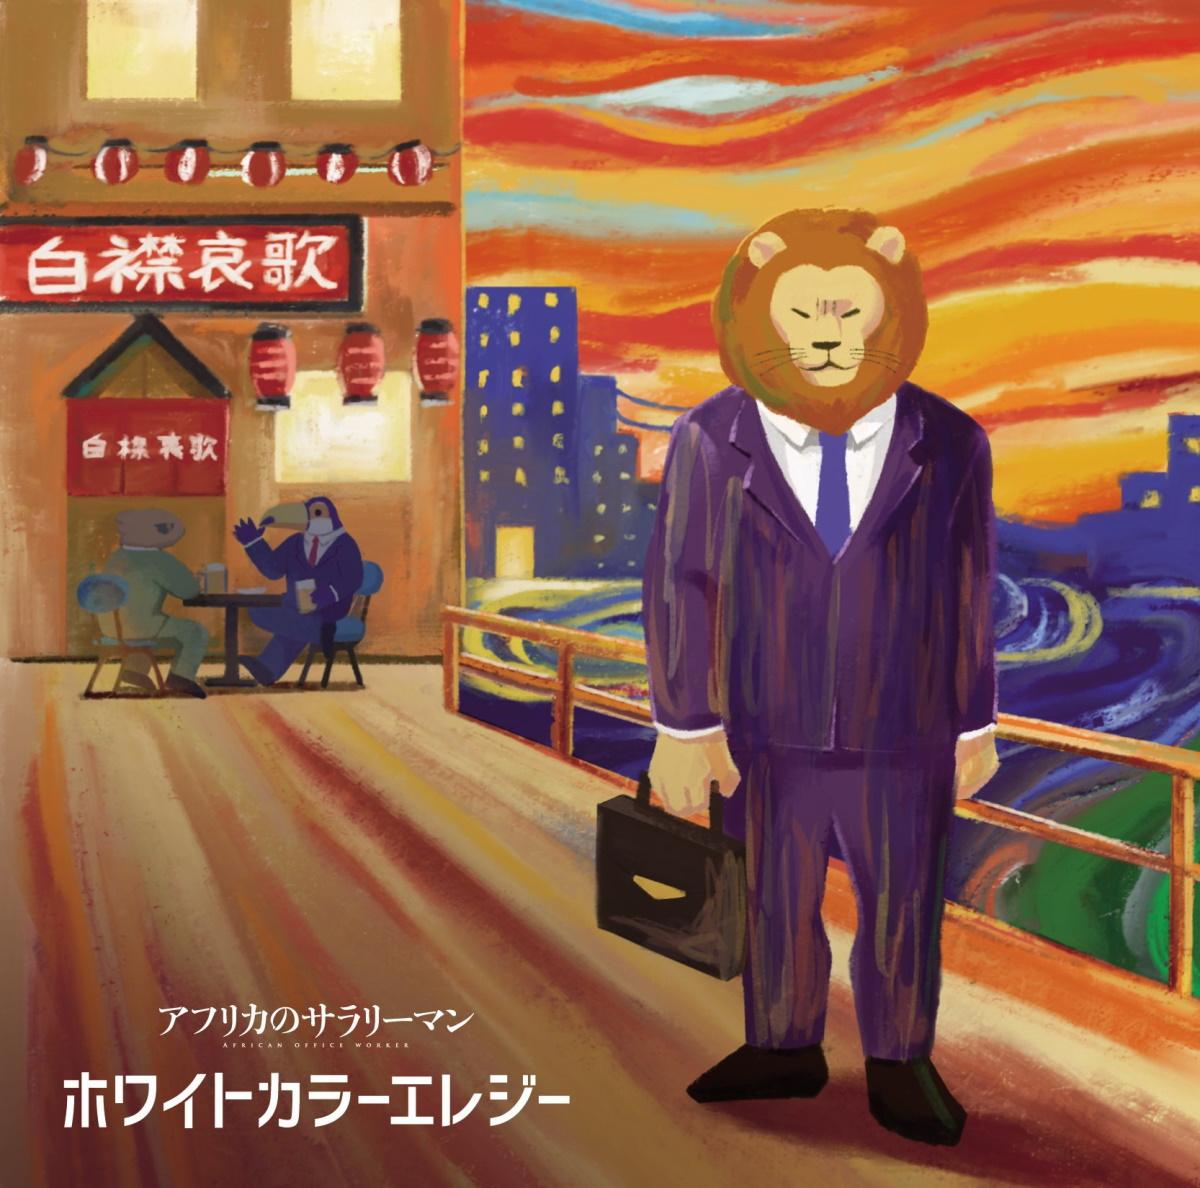 『ライオン(大塚明夫) - ホワイトカラーエレジー 歌詞』収録の『ホワイトカラーエレジー』ジャケット